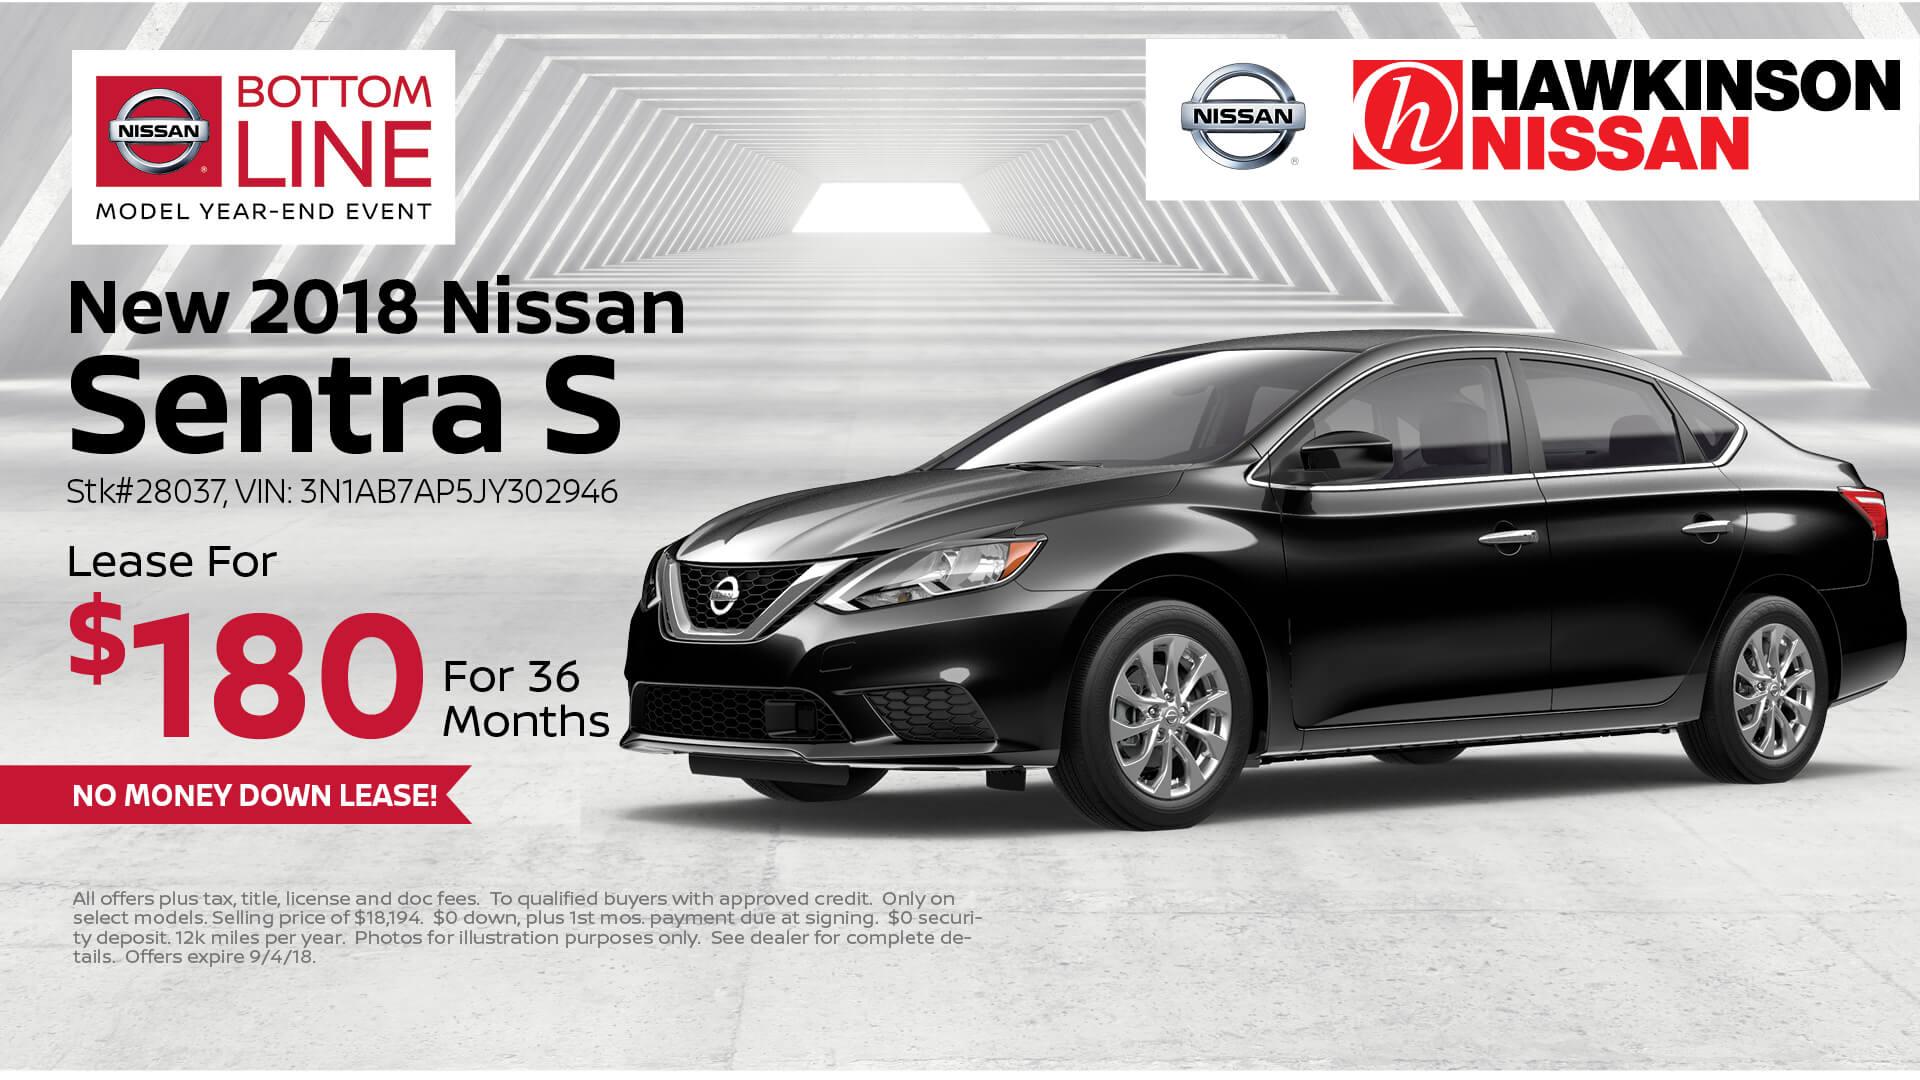 Nissan Dealer near Chicago IL